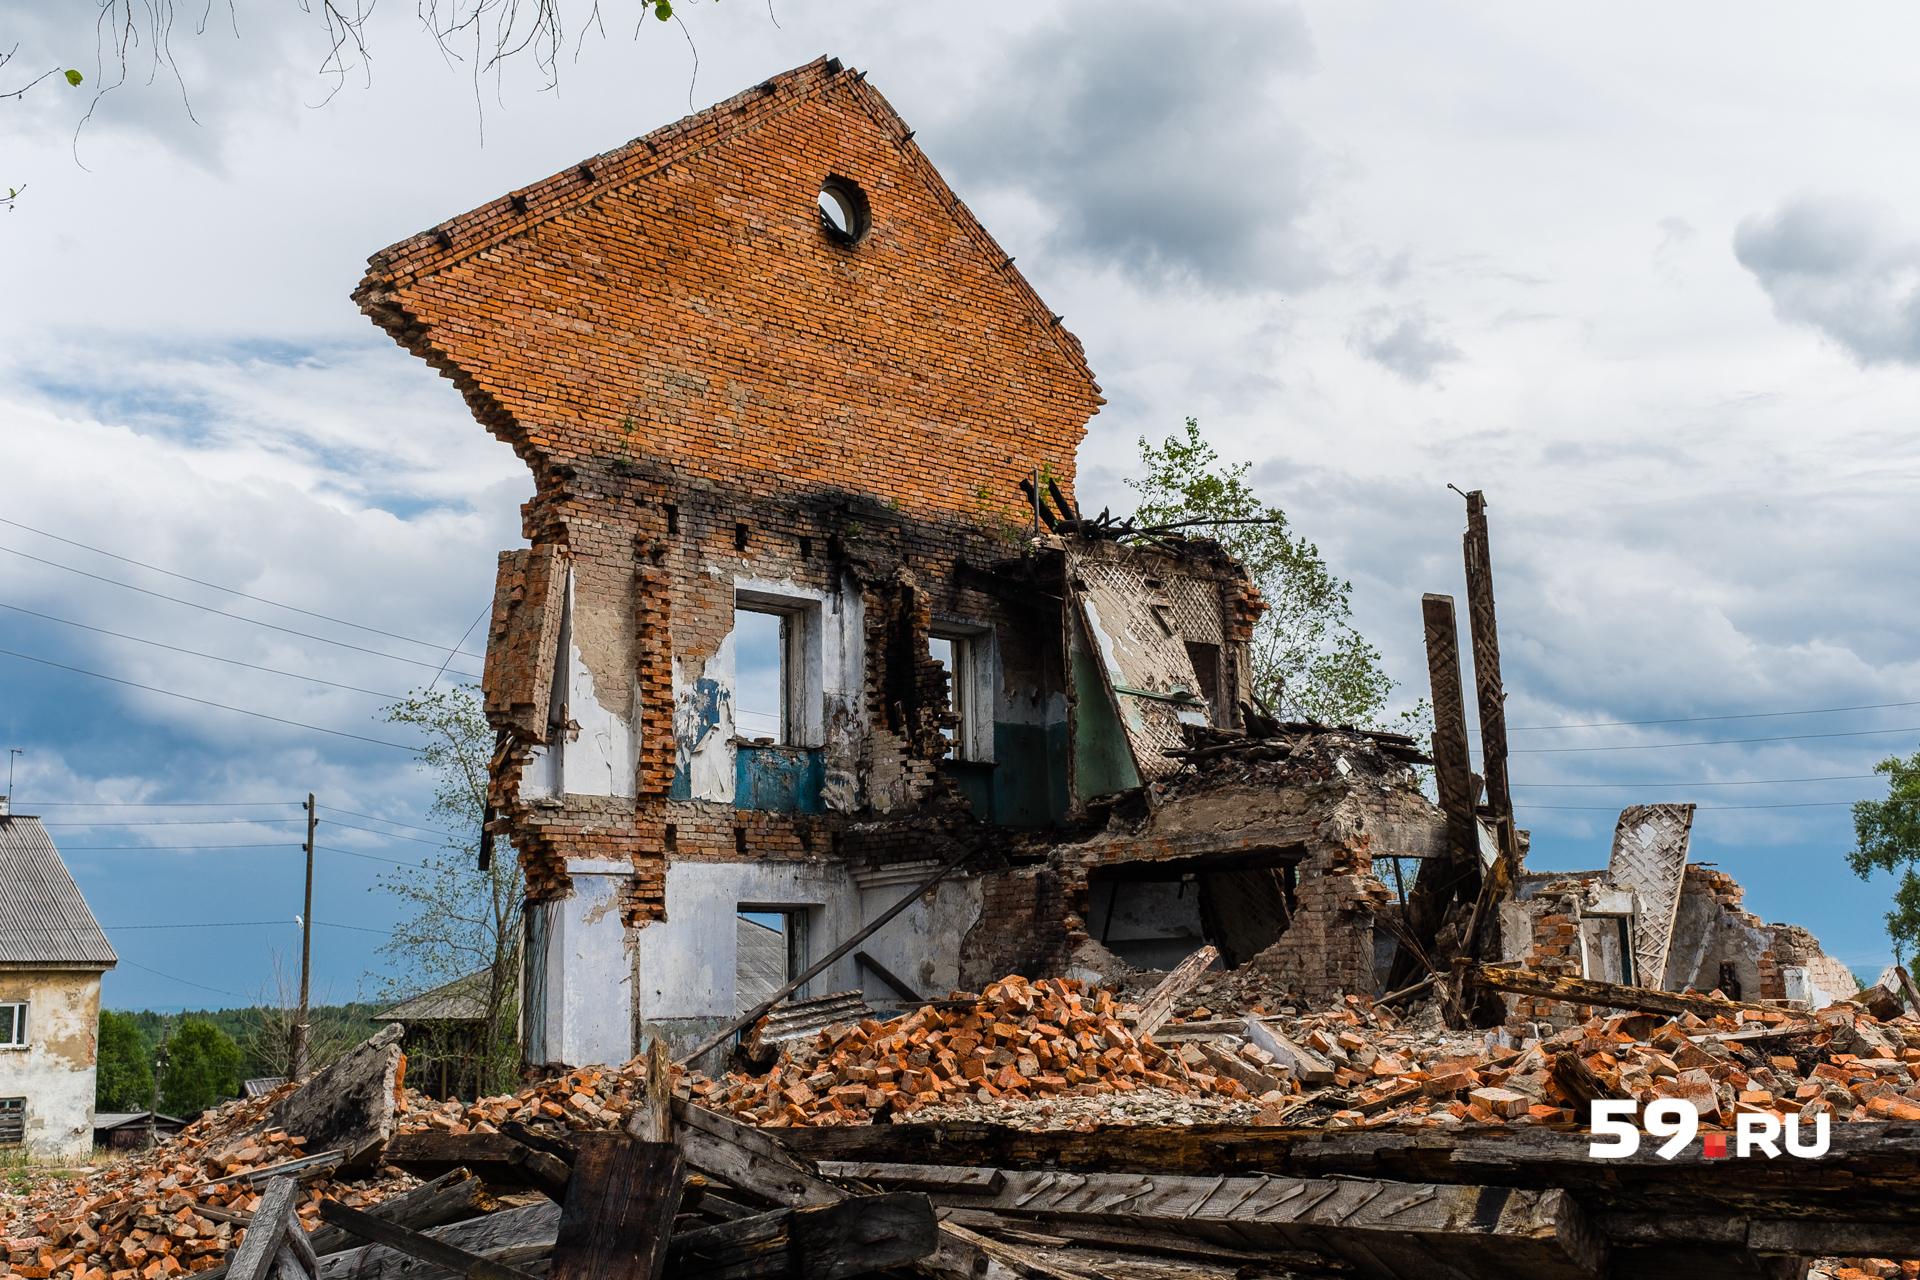 Некоторые дома совсем разрушились